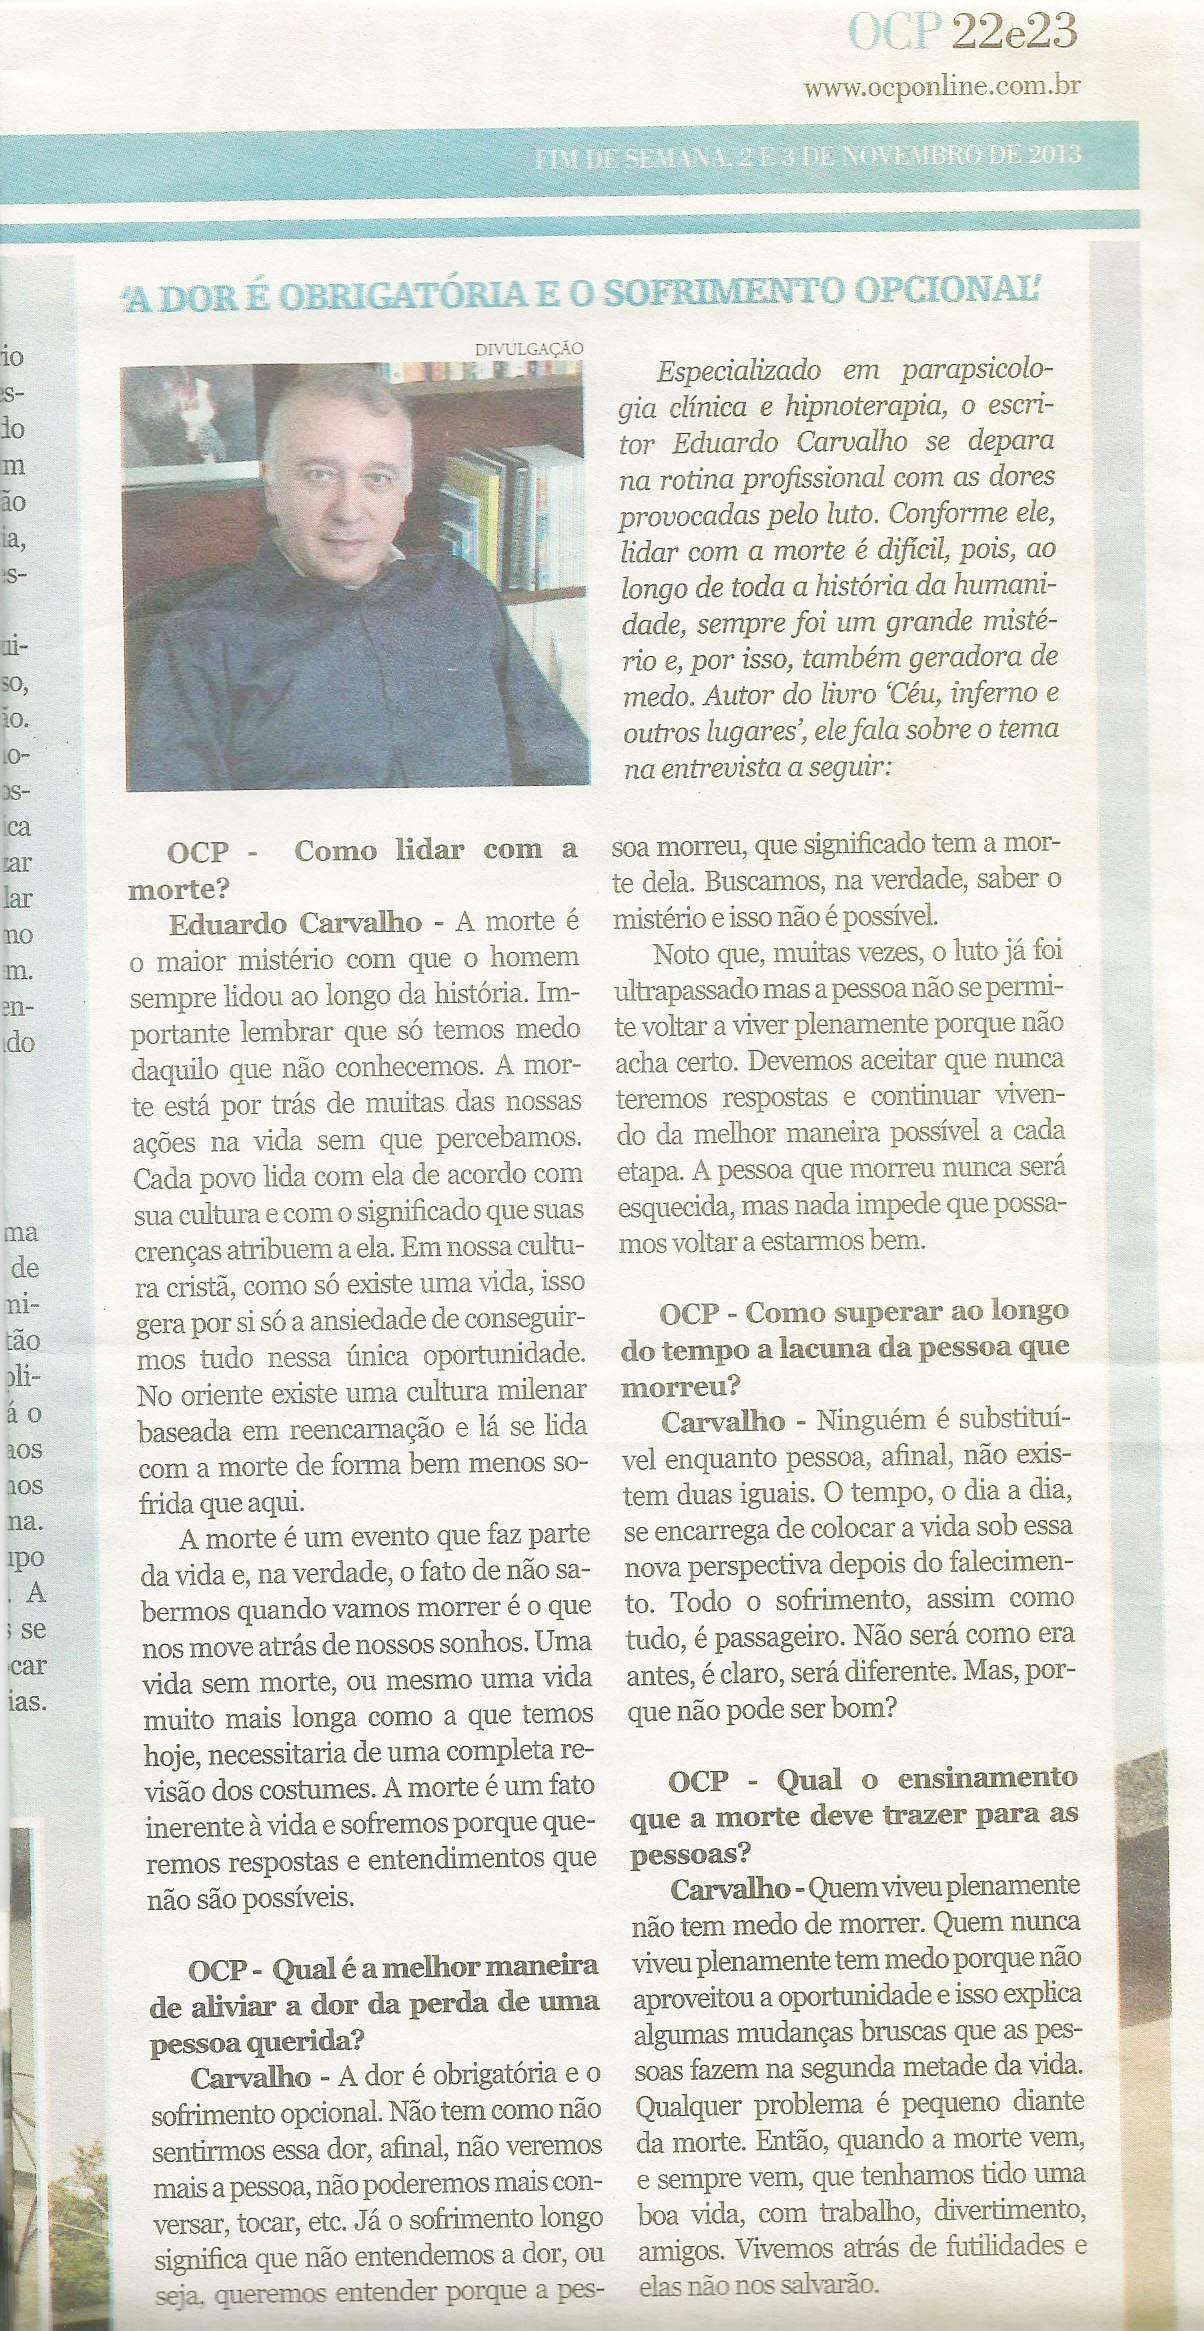 Jornal O Correio do Povo - 2 e 3 nov 2013